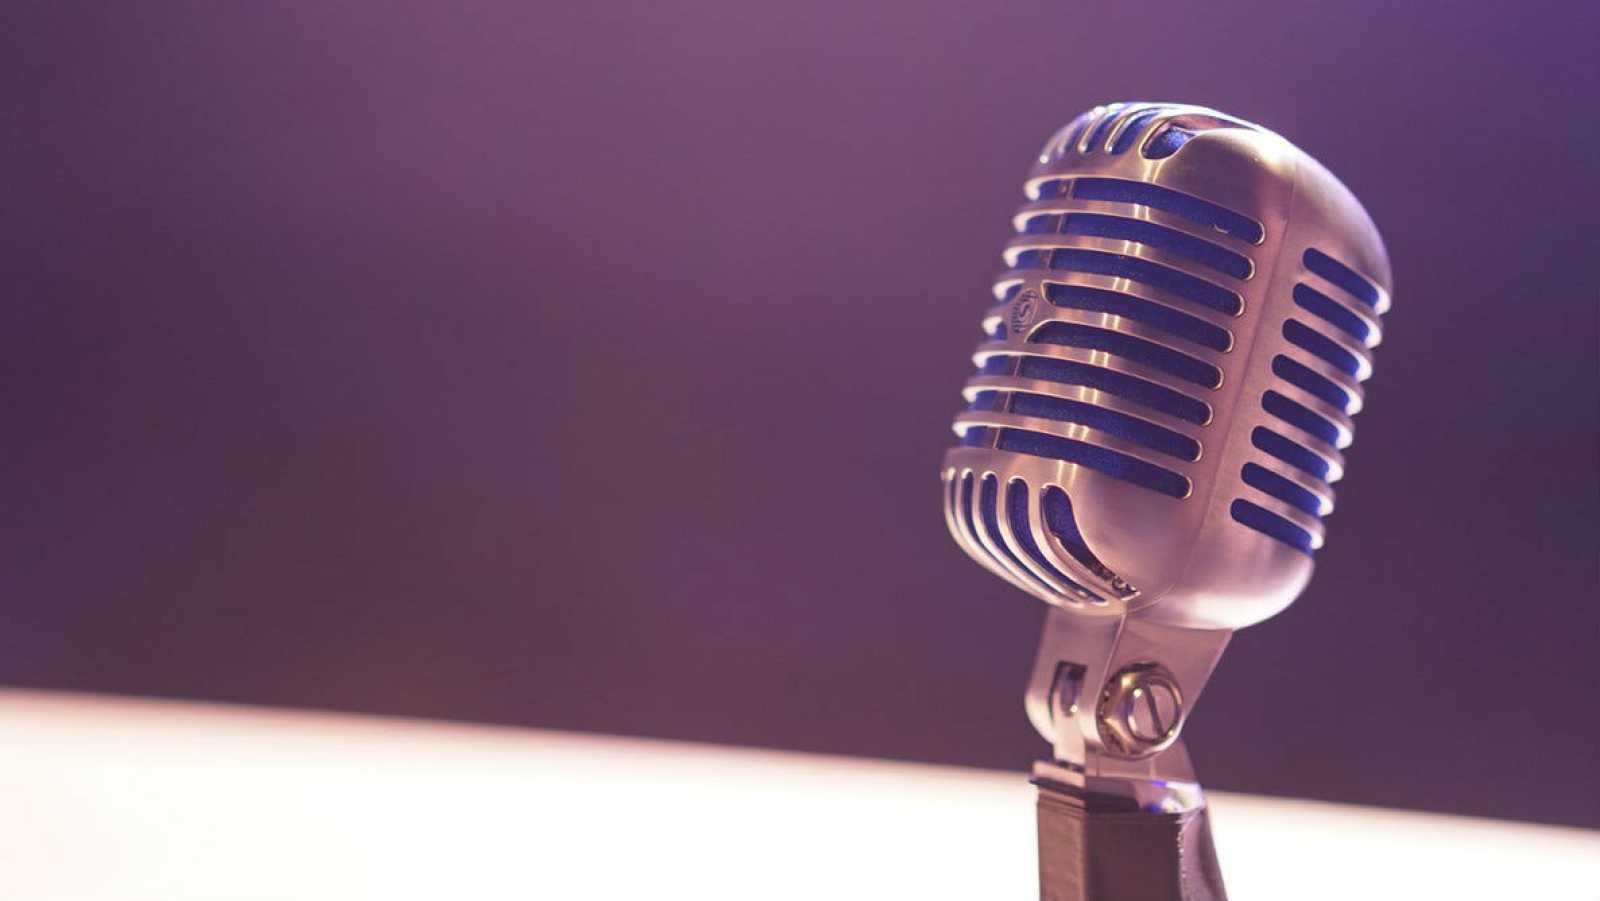 La tertulia de Radio Clásica - Pasado, presente y futuro del jazz - 10/12/17 - escuchar ahora